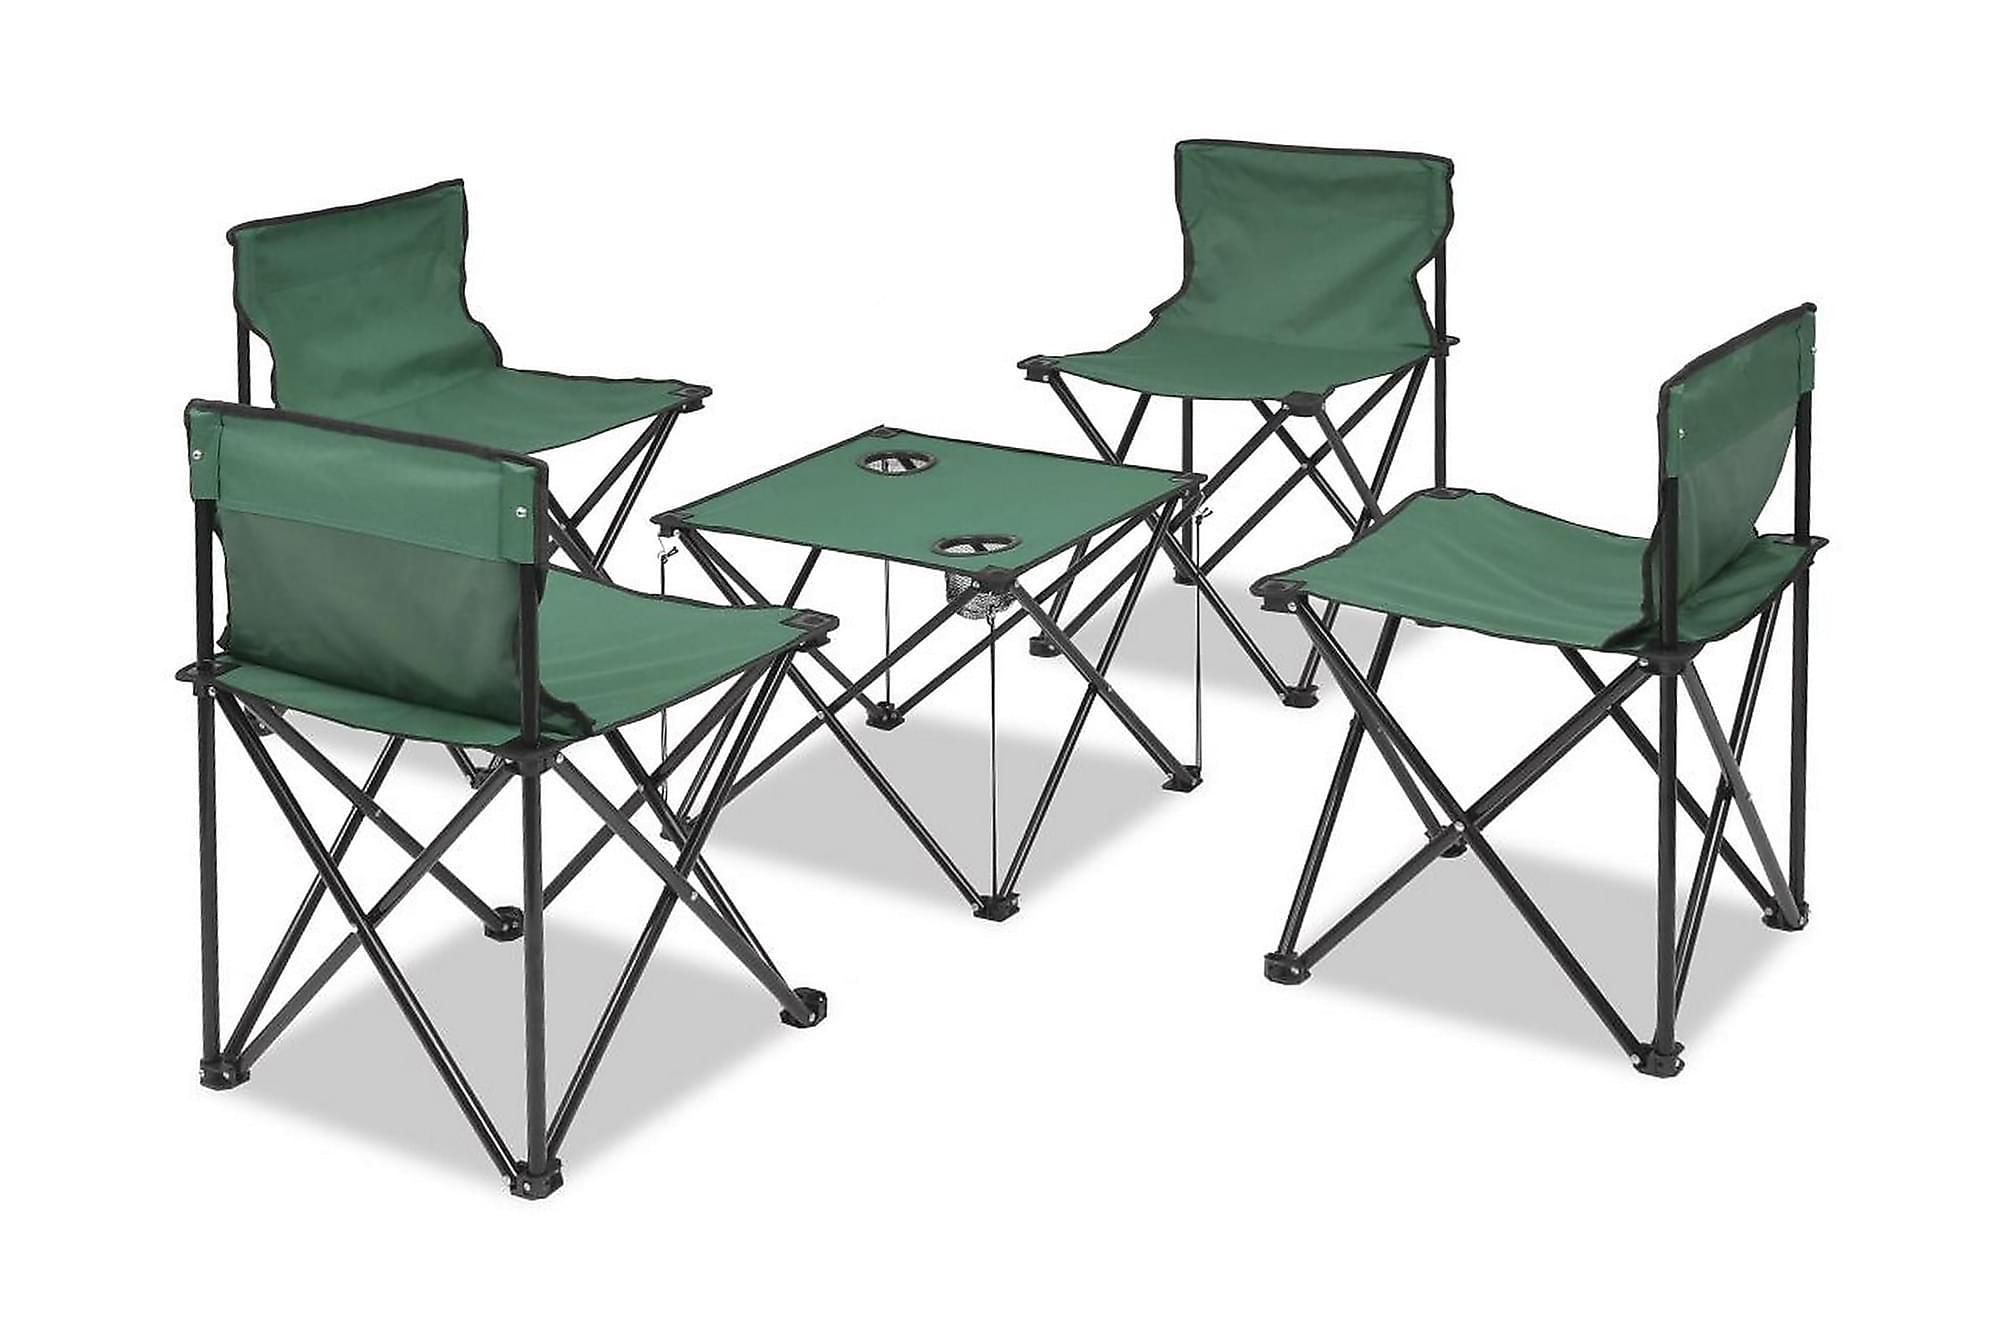 Hopfällbara campingmöbler 5 delar grön 45x45x70 cm stål